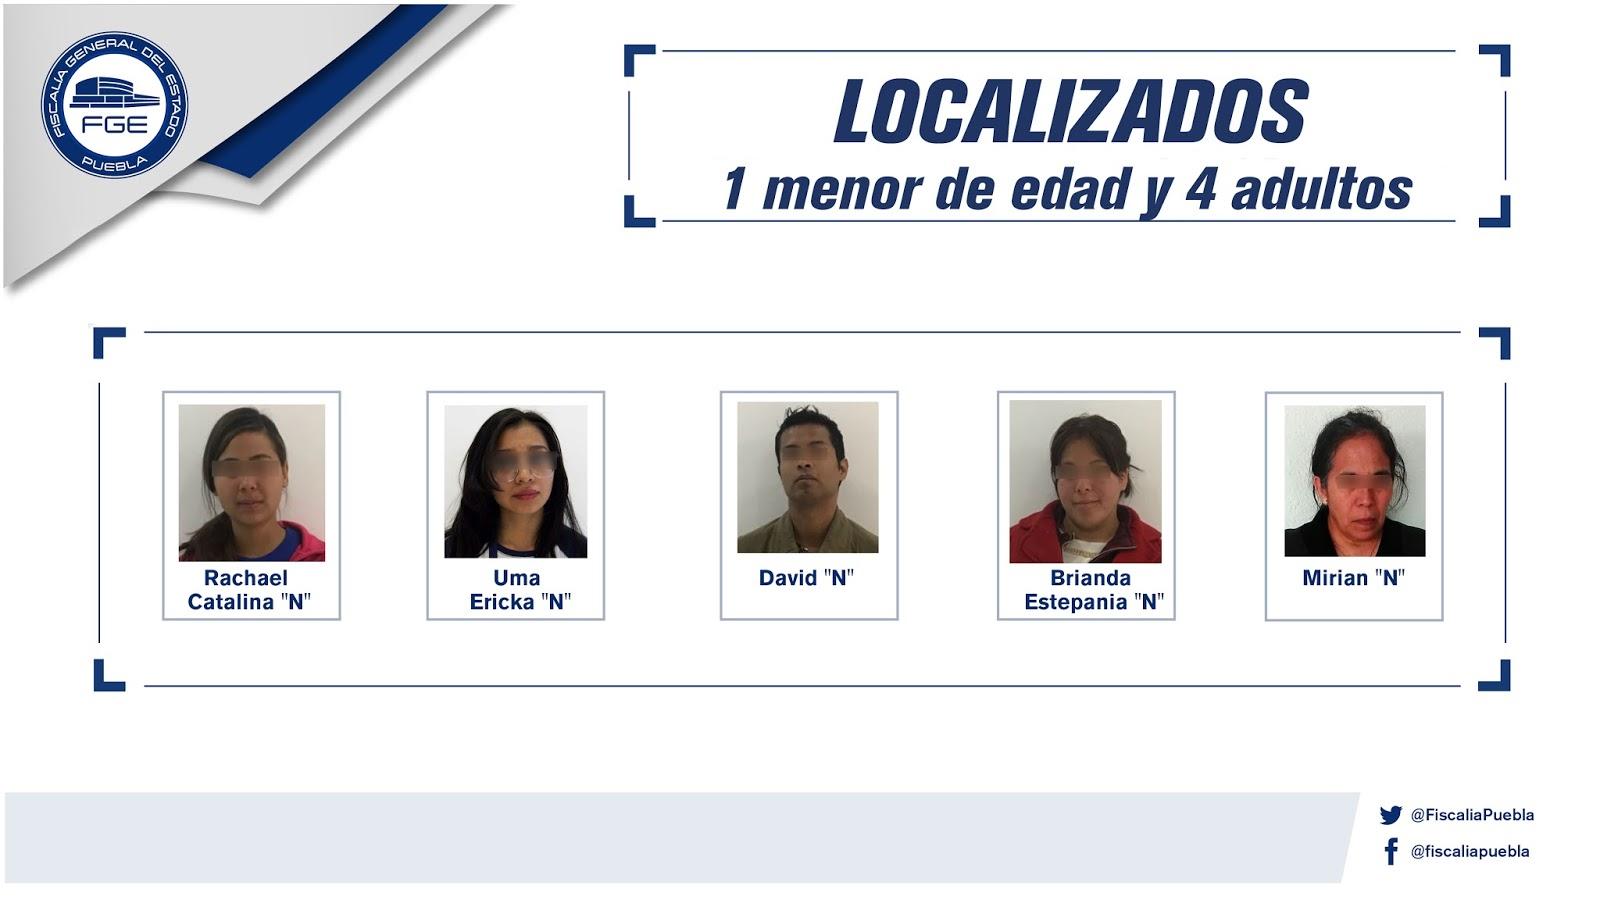 La Fiscalía General del Estado de Puebla continúa implementando acciones  para la búsqueda y localización de personas reportadas como desaparecidas.  En los ... e21505aab3106